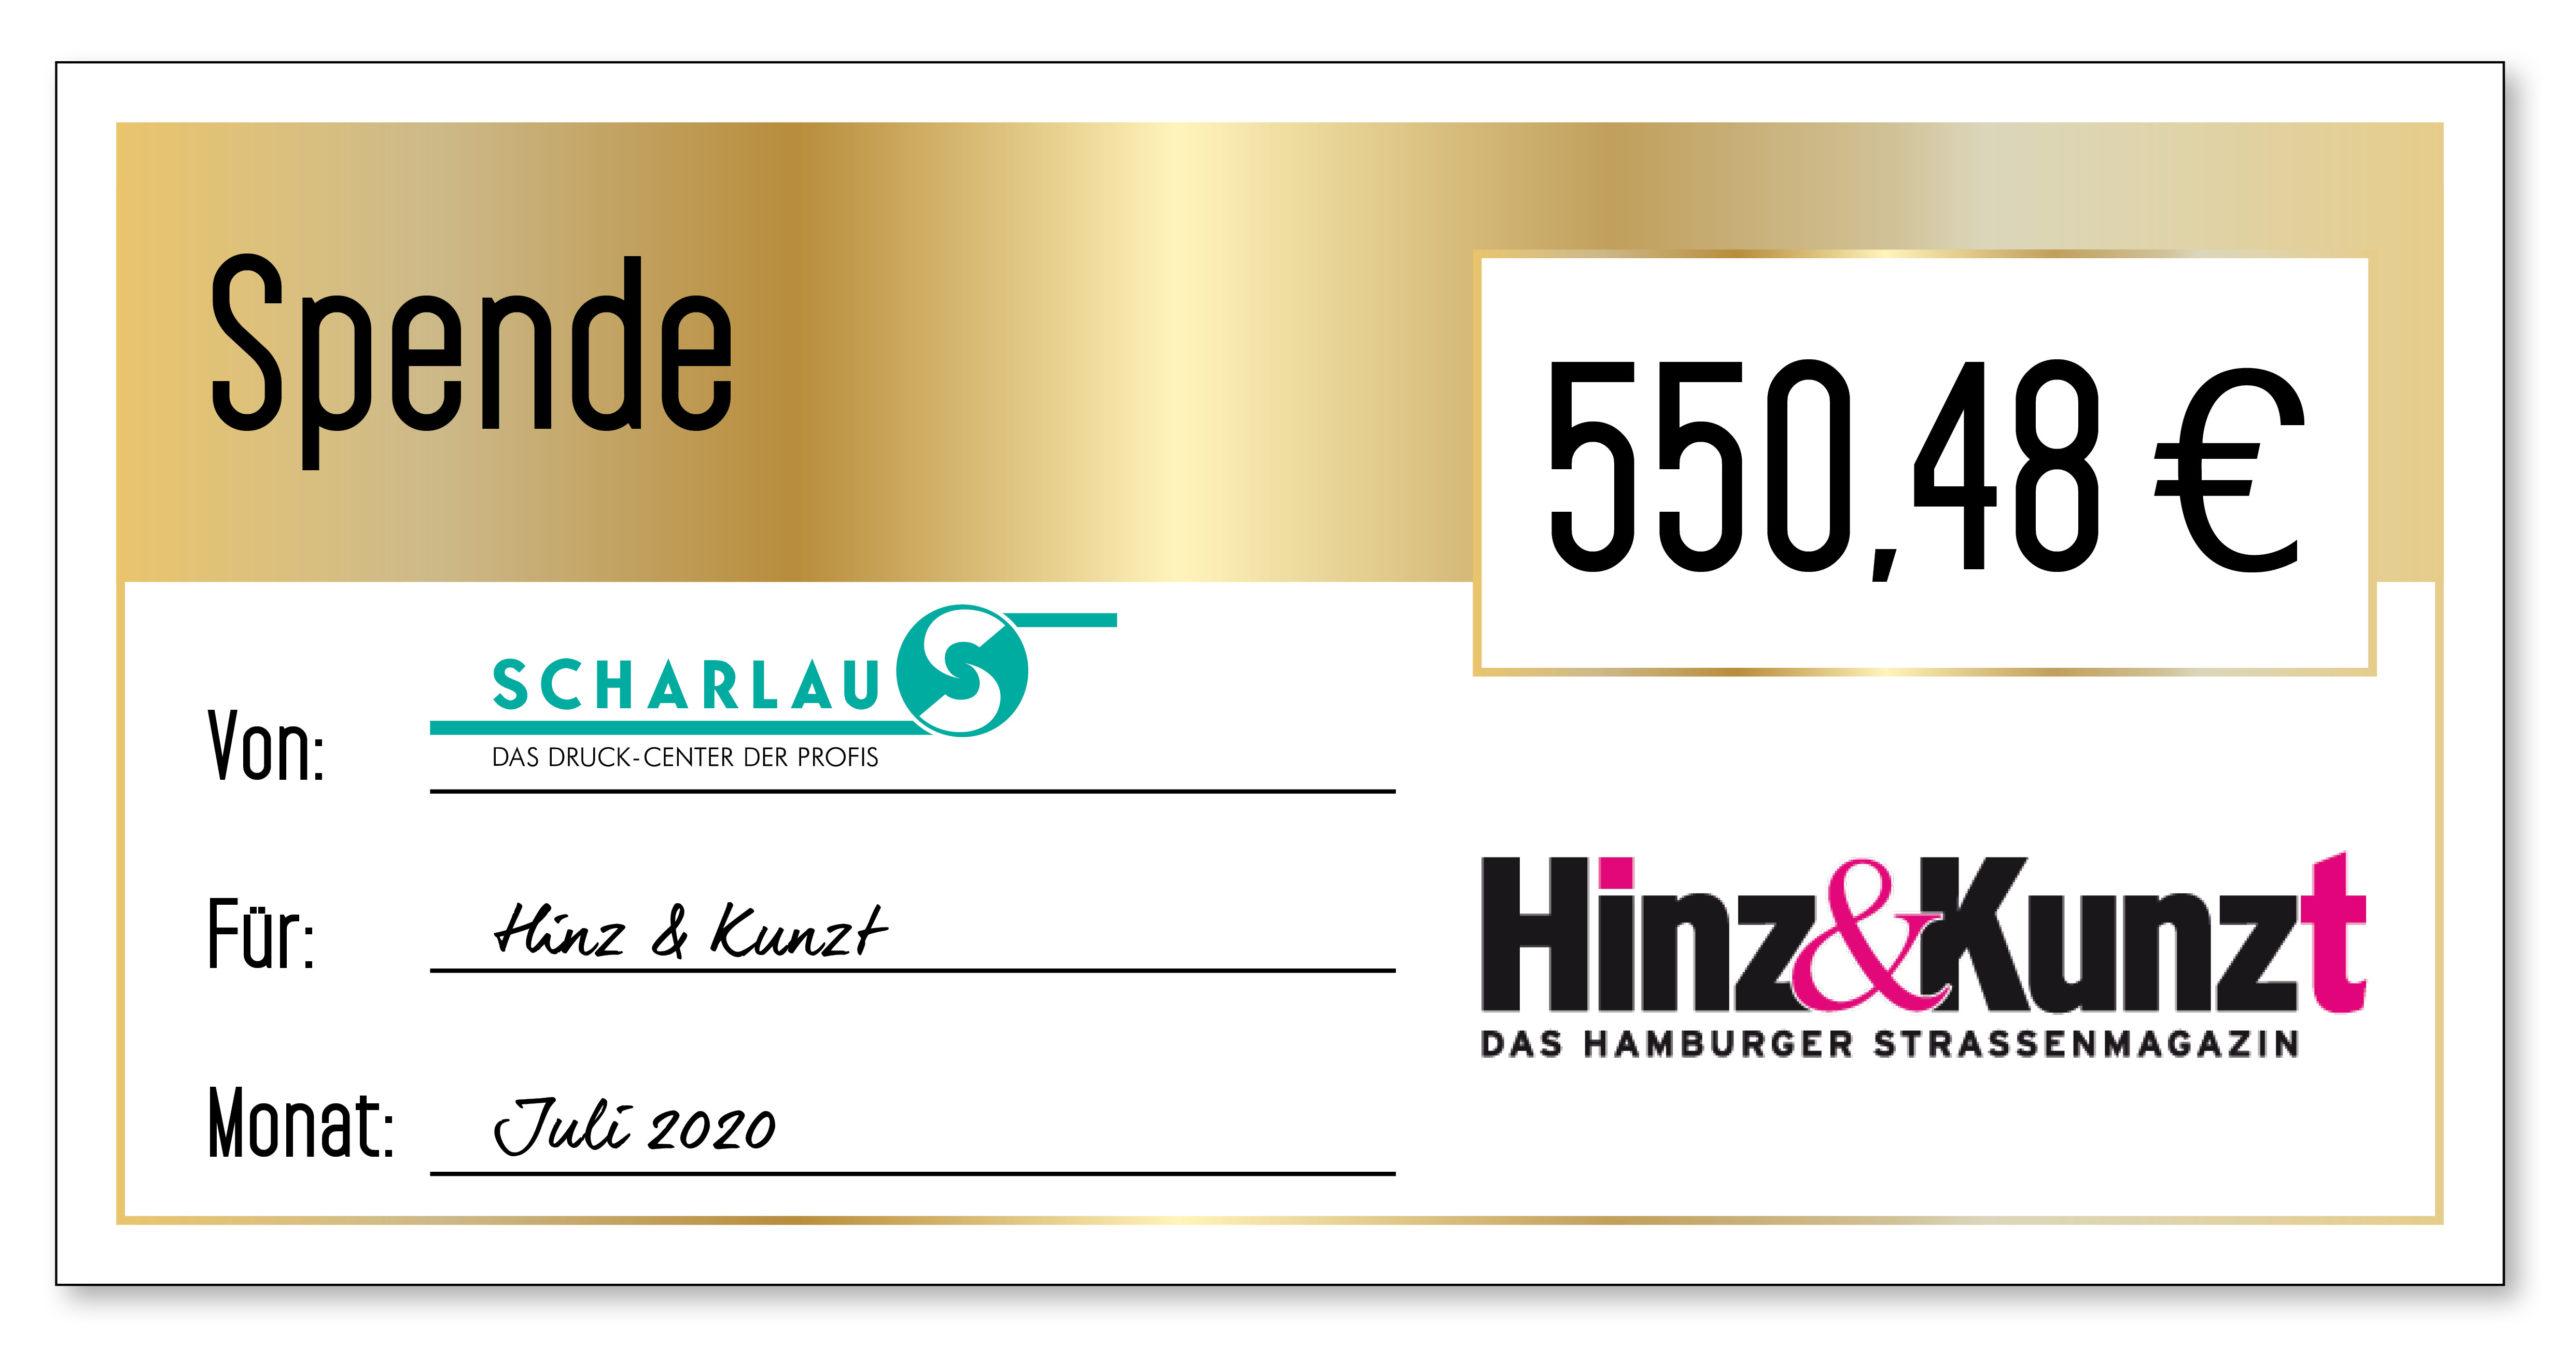 Spendenscheck an Hinz&Kunzt im Juli 2020